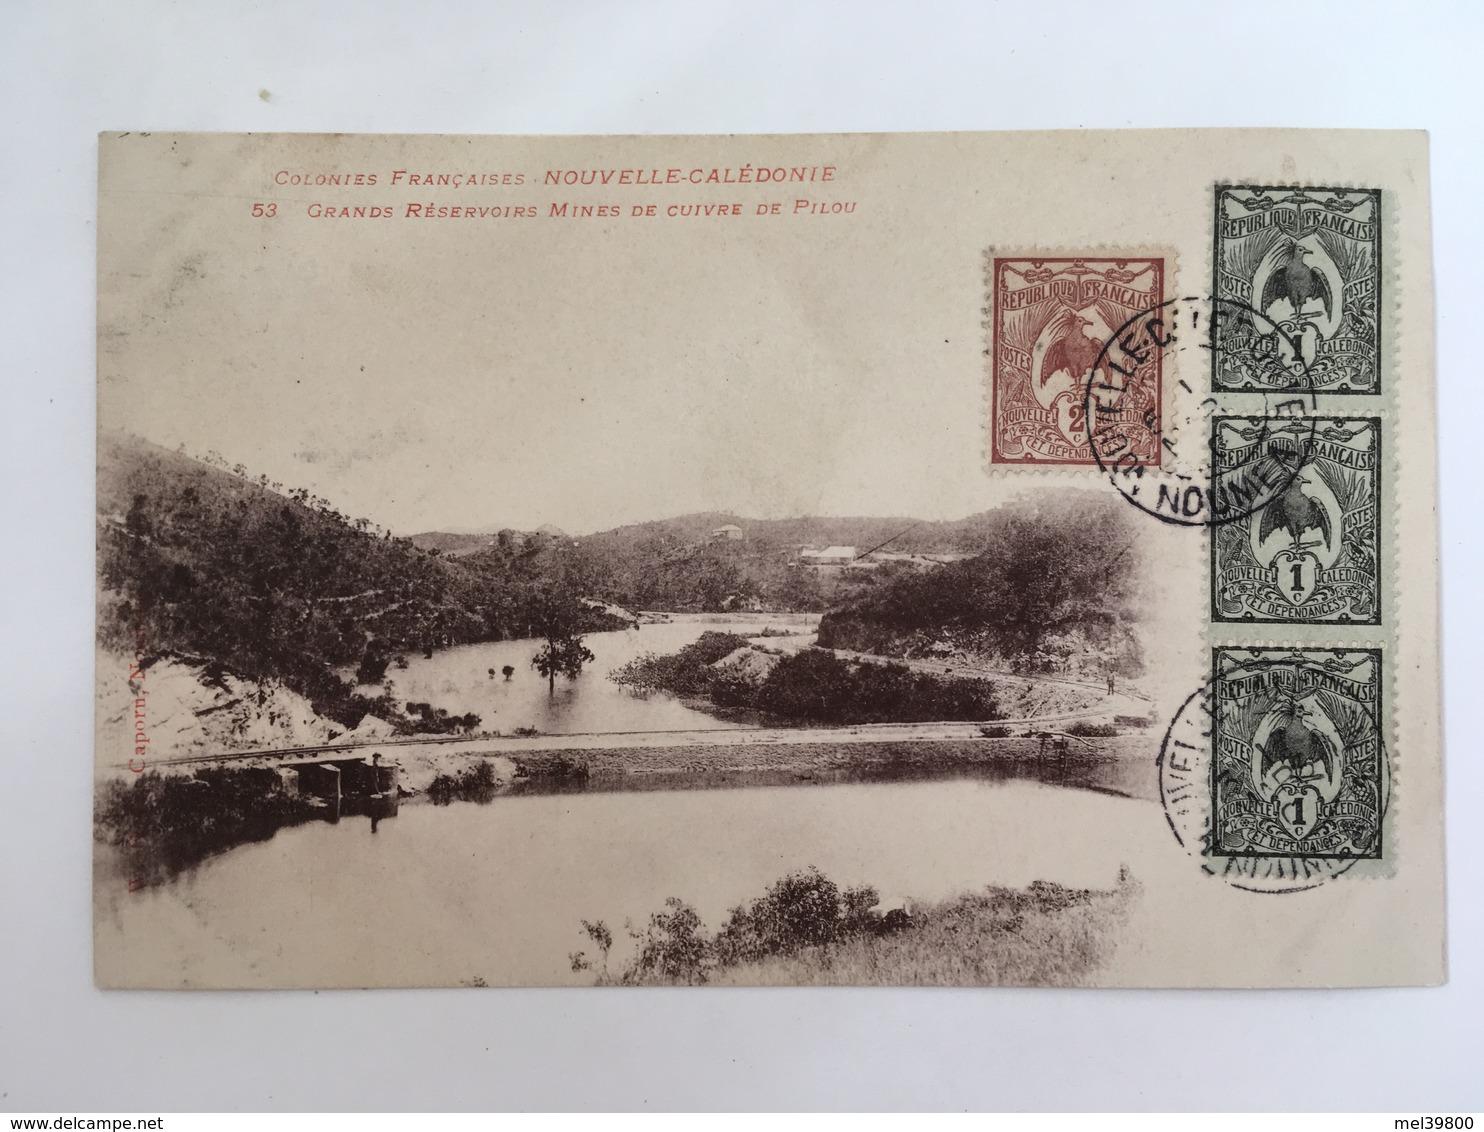 Colonies Françaises - Nouvelle Calédonie - Grands Réservoirs Mines De Cuivre De Pilou - Nouvelle Calédonie